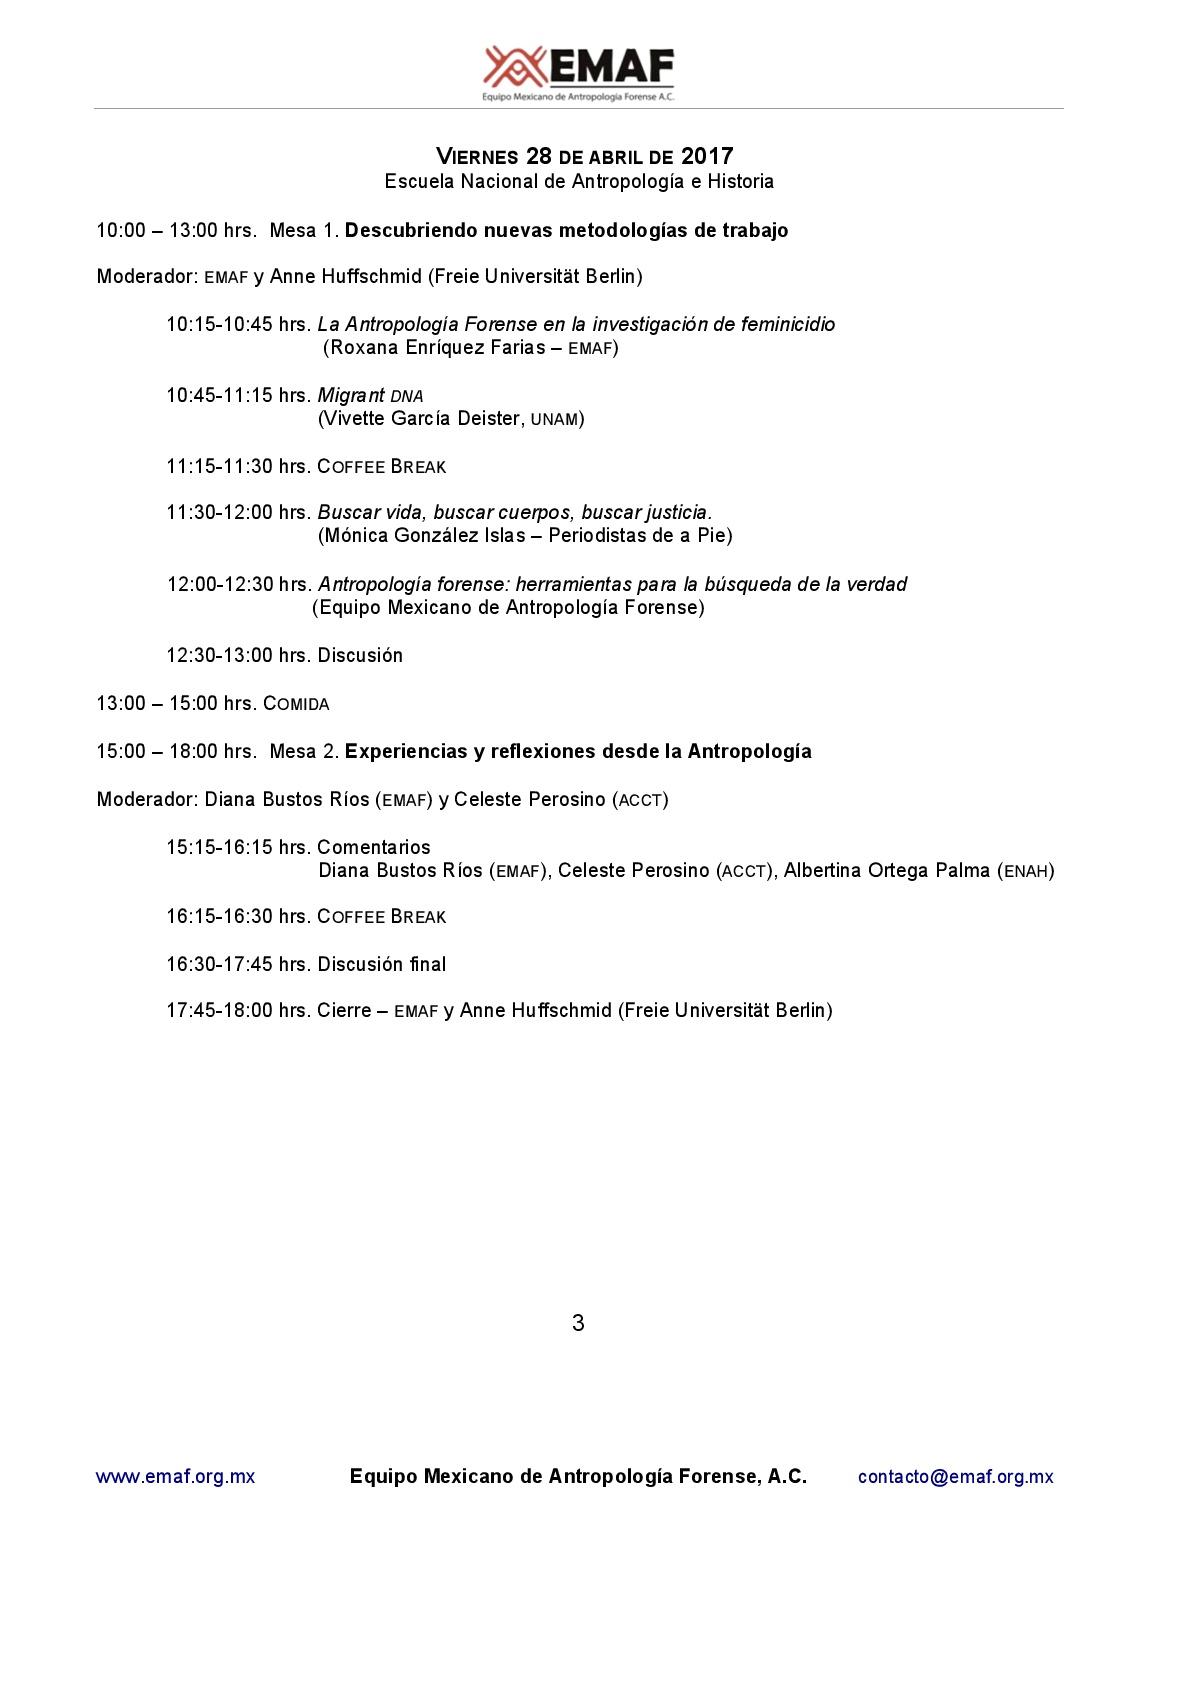 Programa 28 de abril. Primer Conversatorio Internacional: Respirando desde las entrañas de la violencia. Prácticas y reflexiones de la antropología forense entre México y Argentina